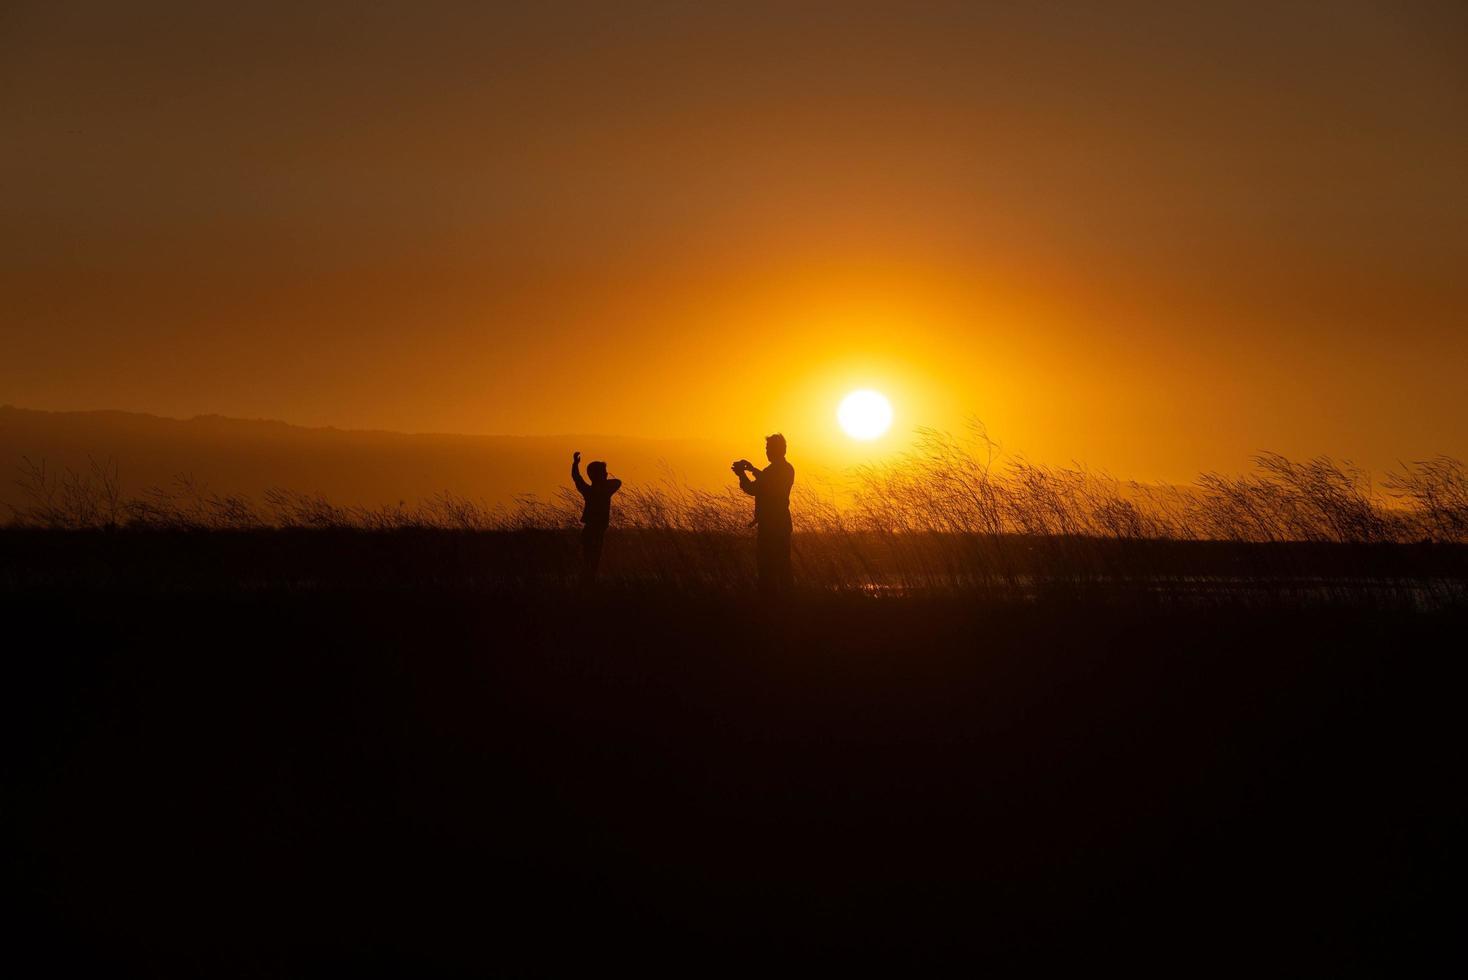 Vater und Sohn fotografieren im Sonnenuntergang foto